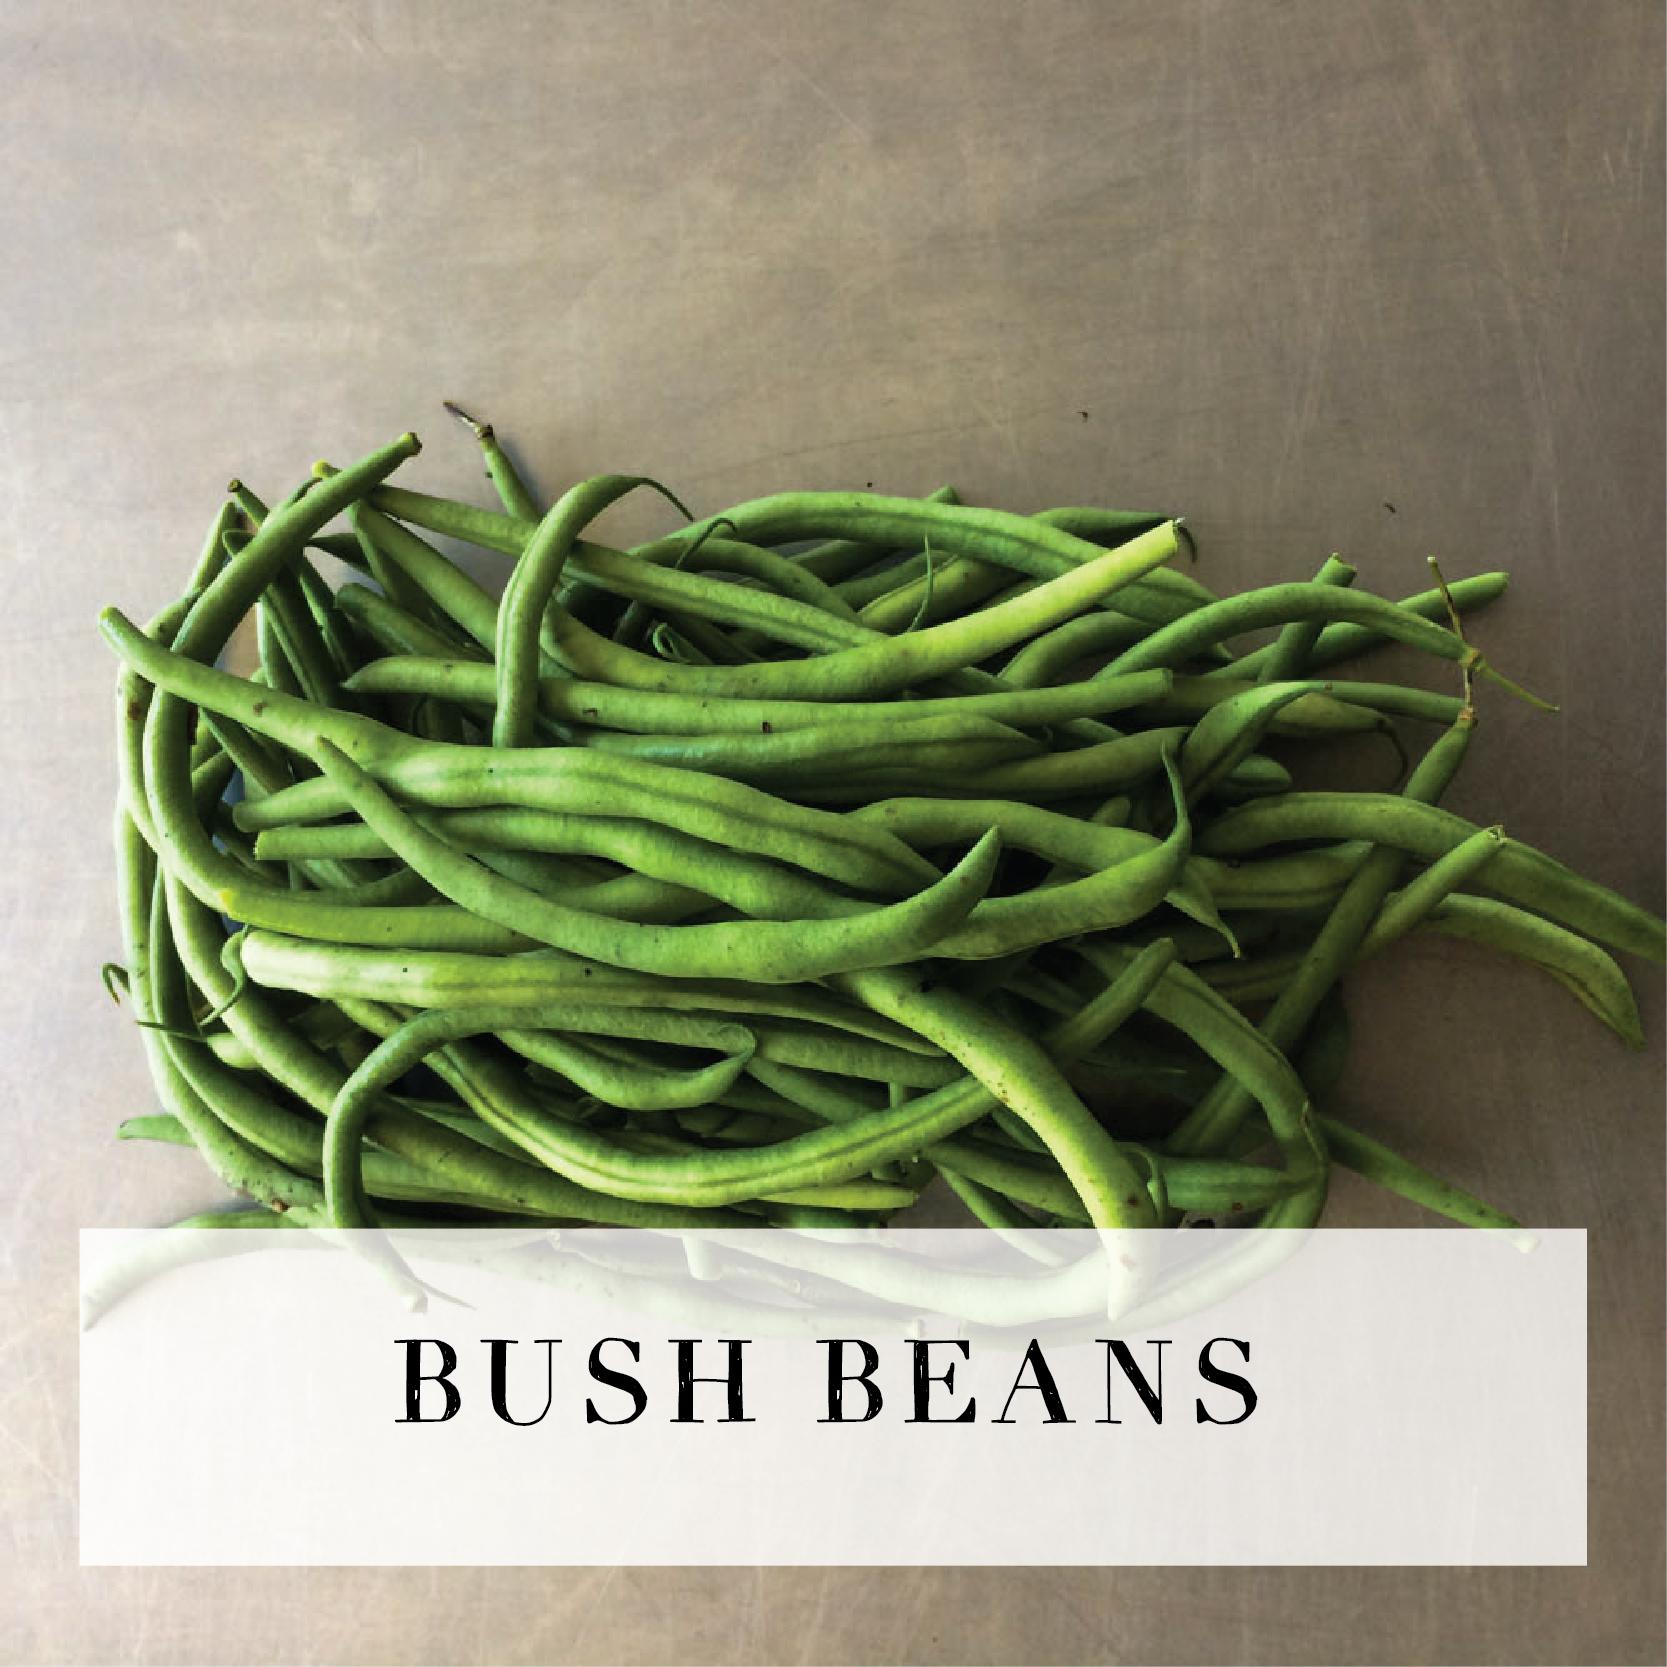 bushbeans.jpg